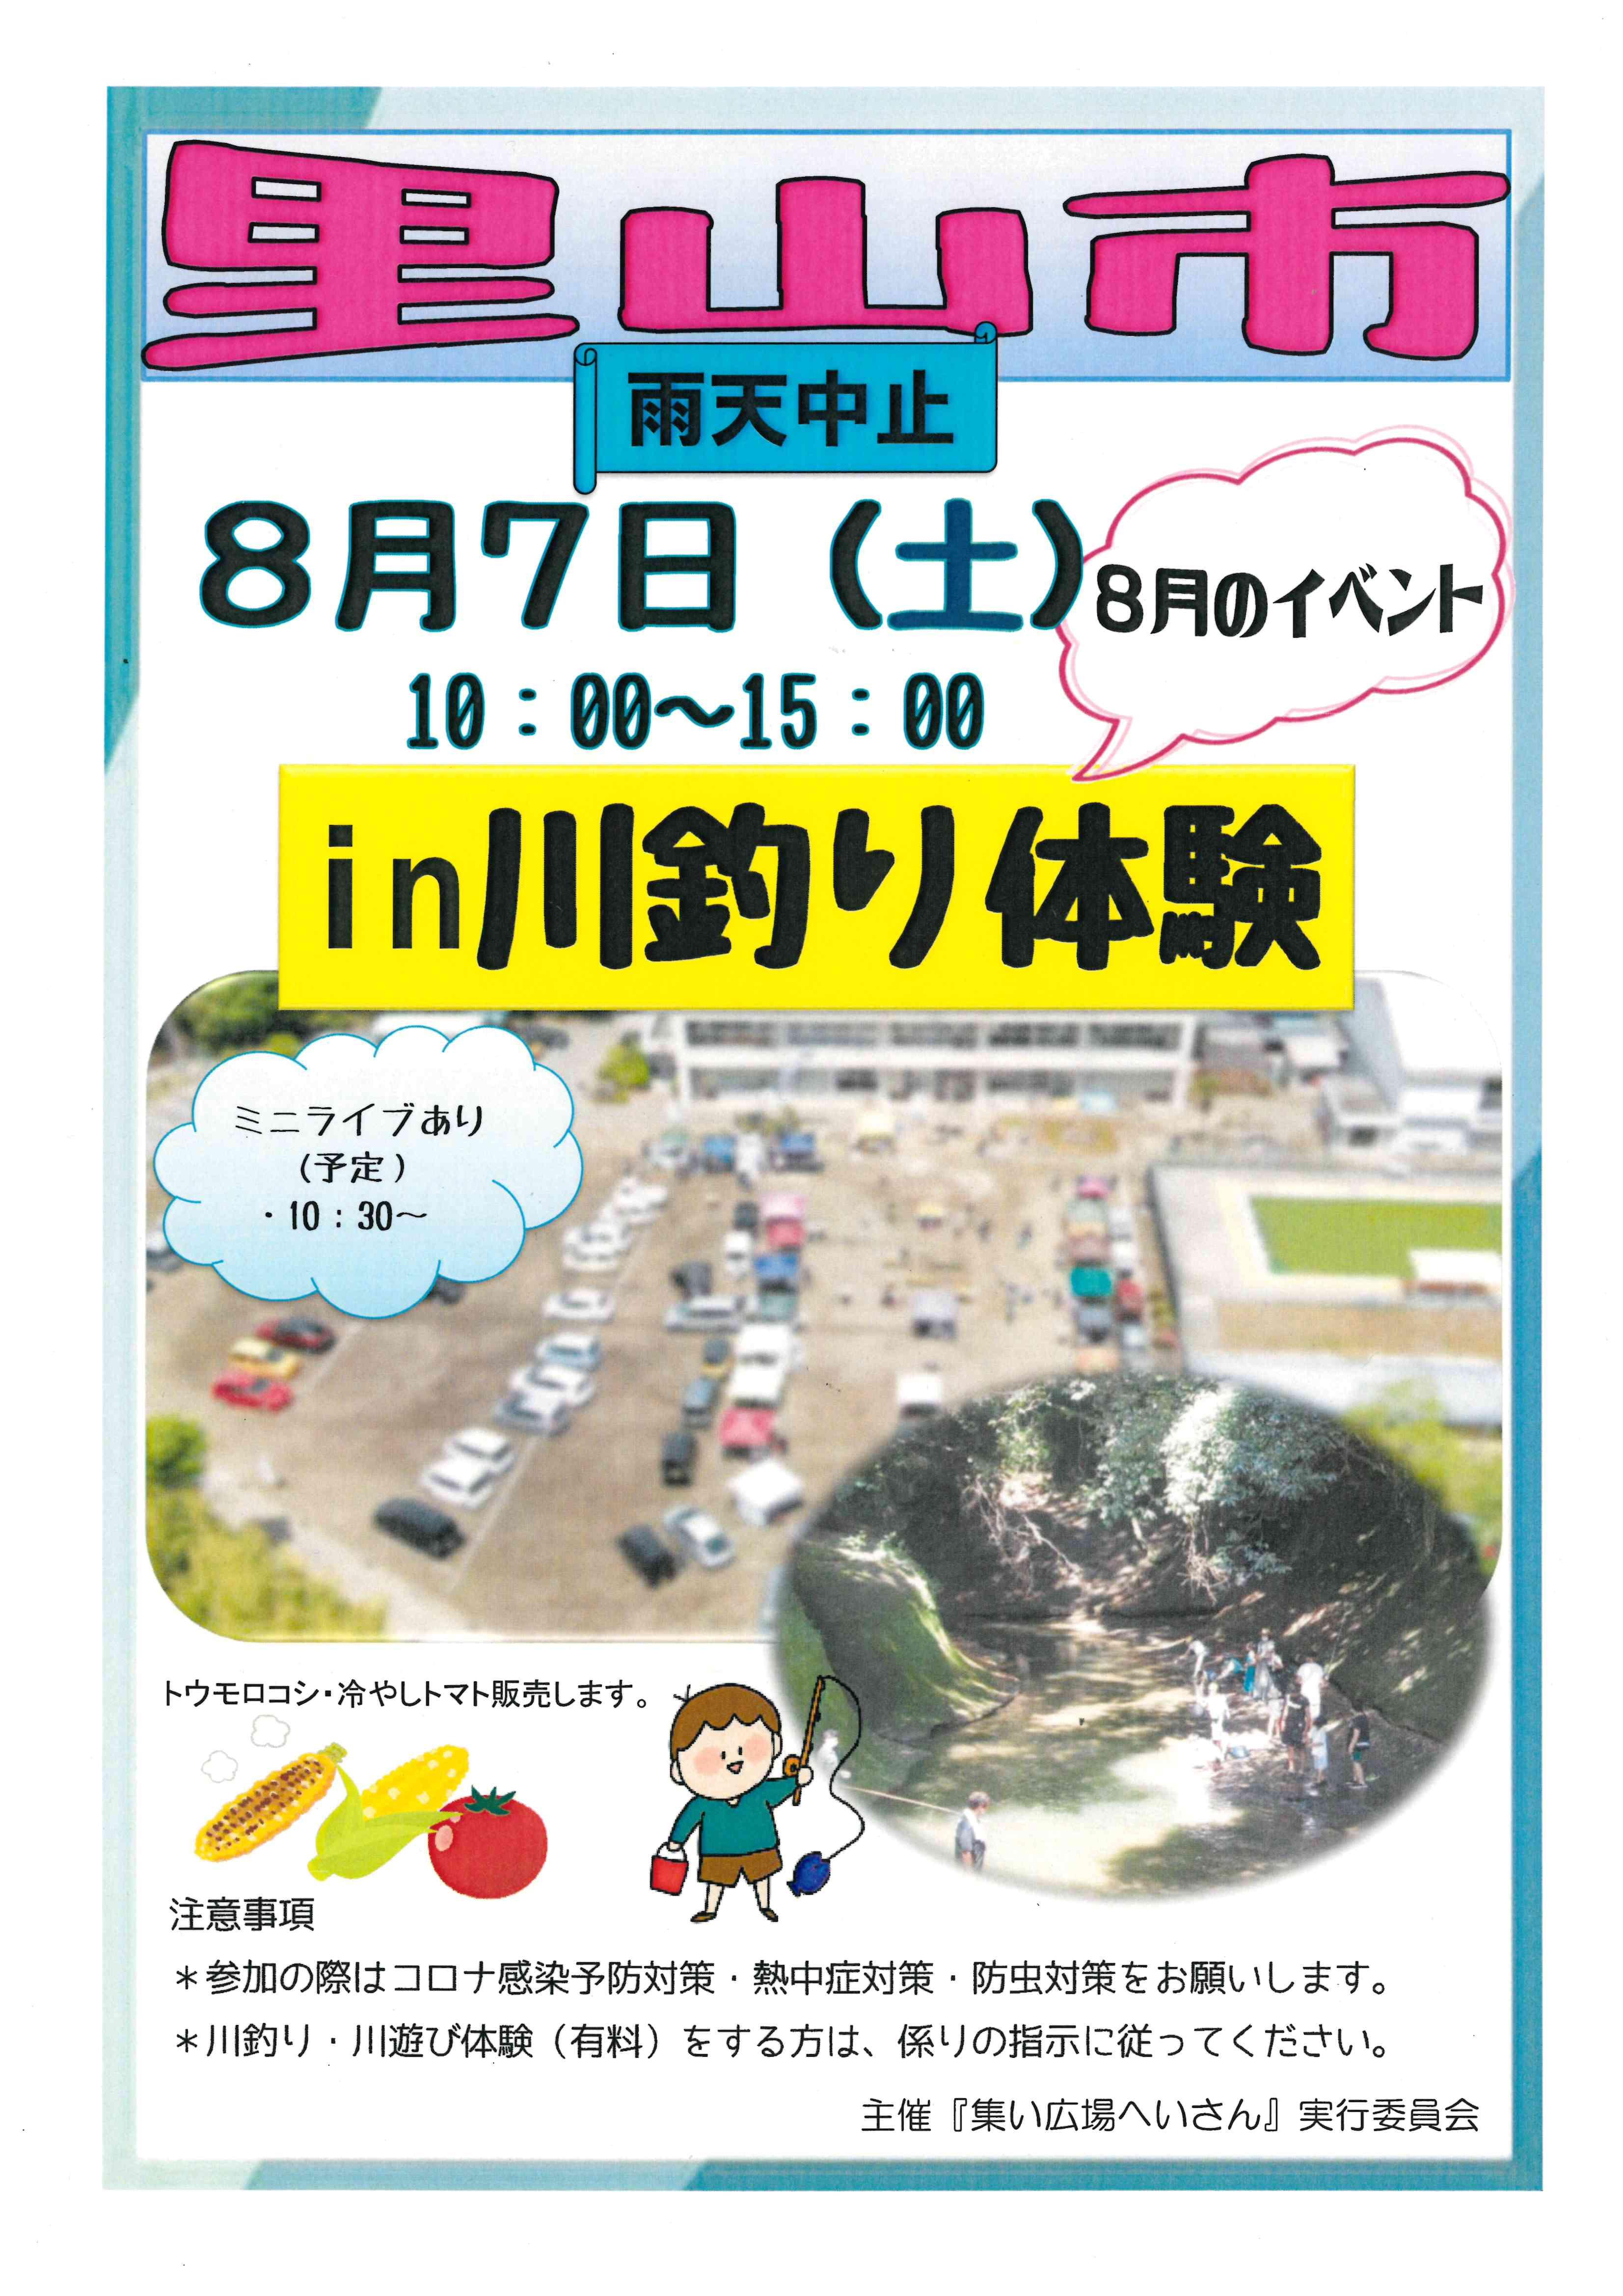 【8月7日㈯】里山市(マルシェ)を開催!